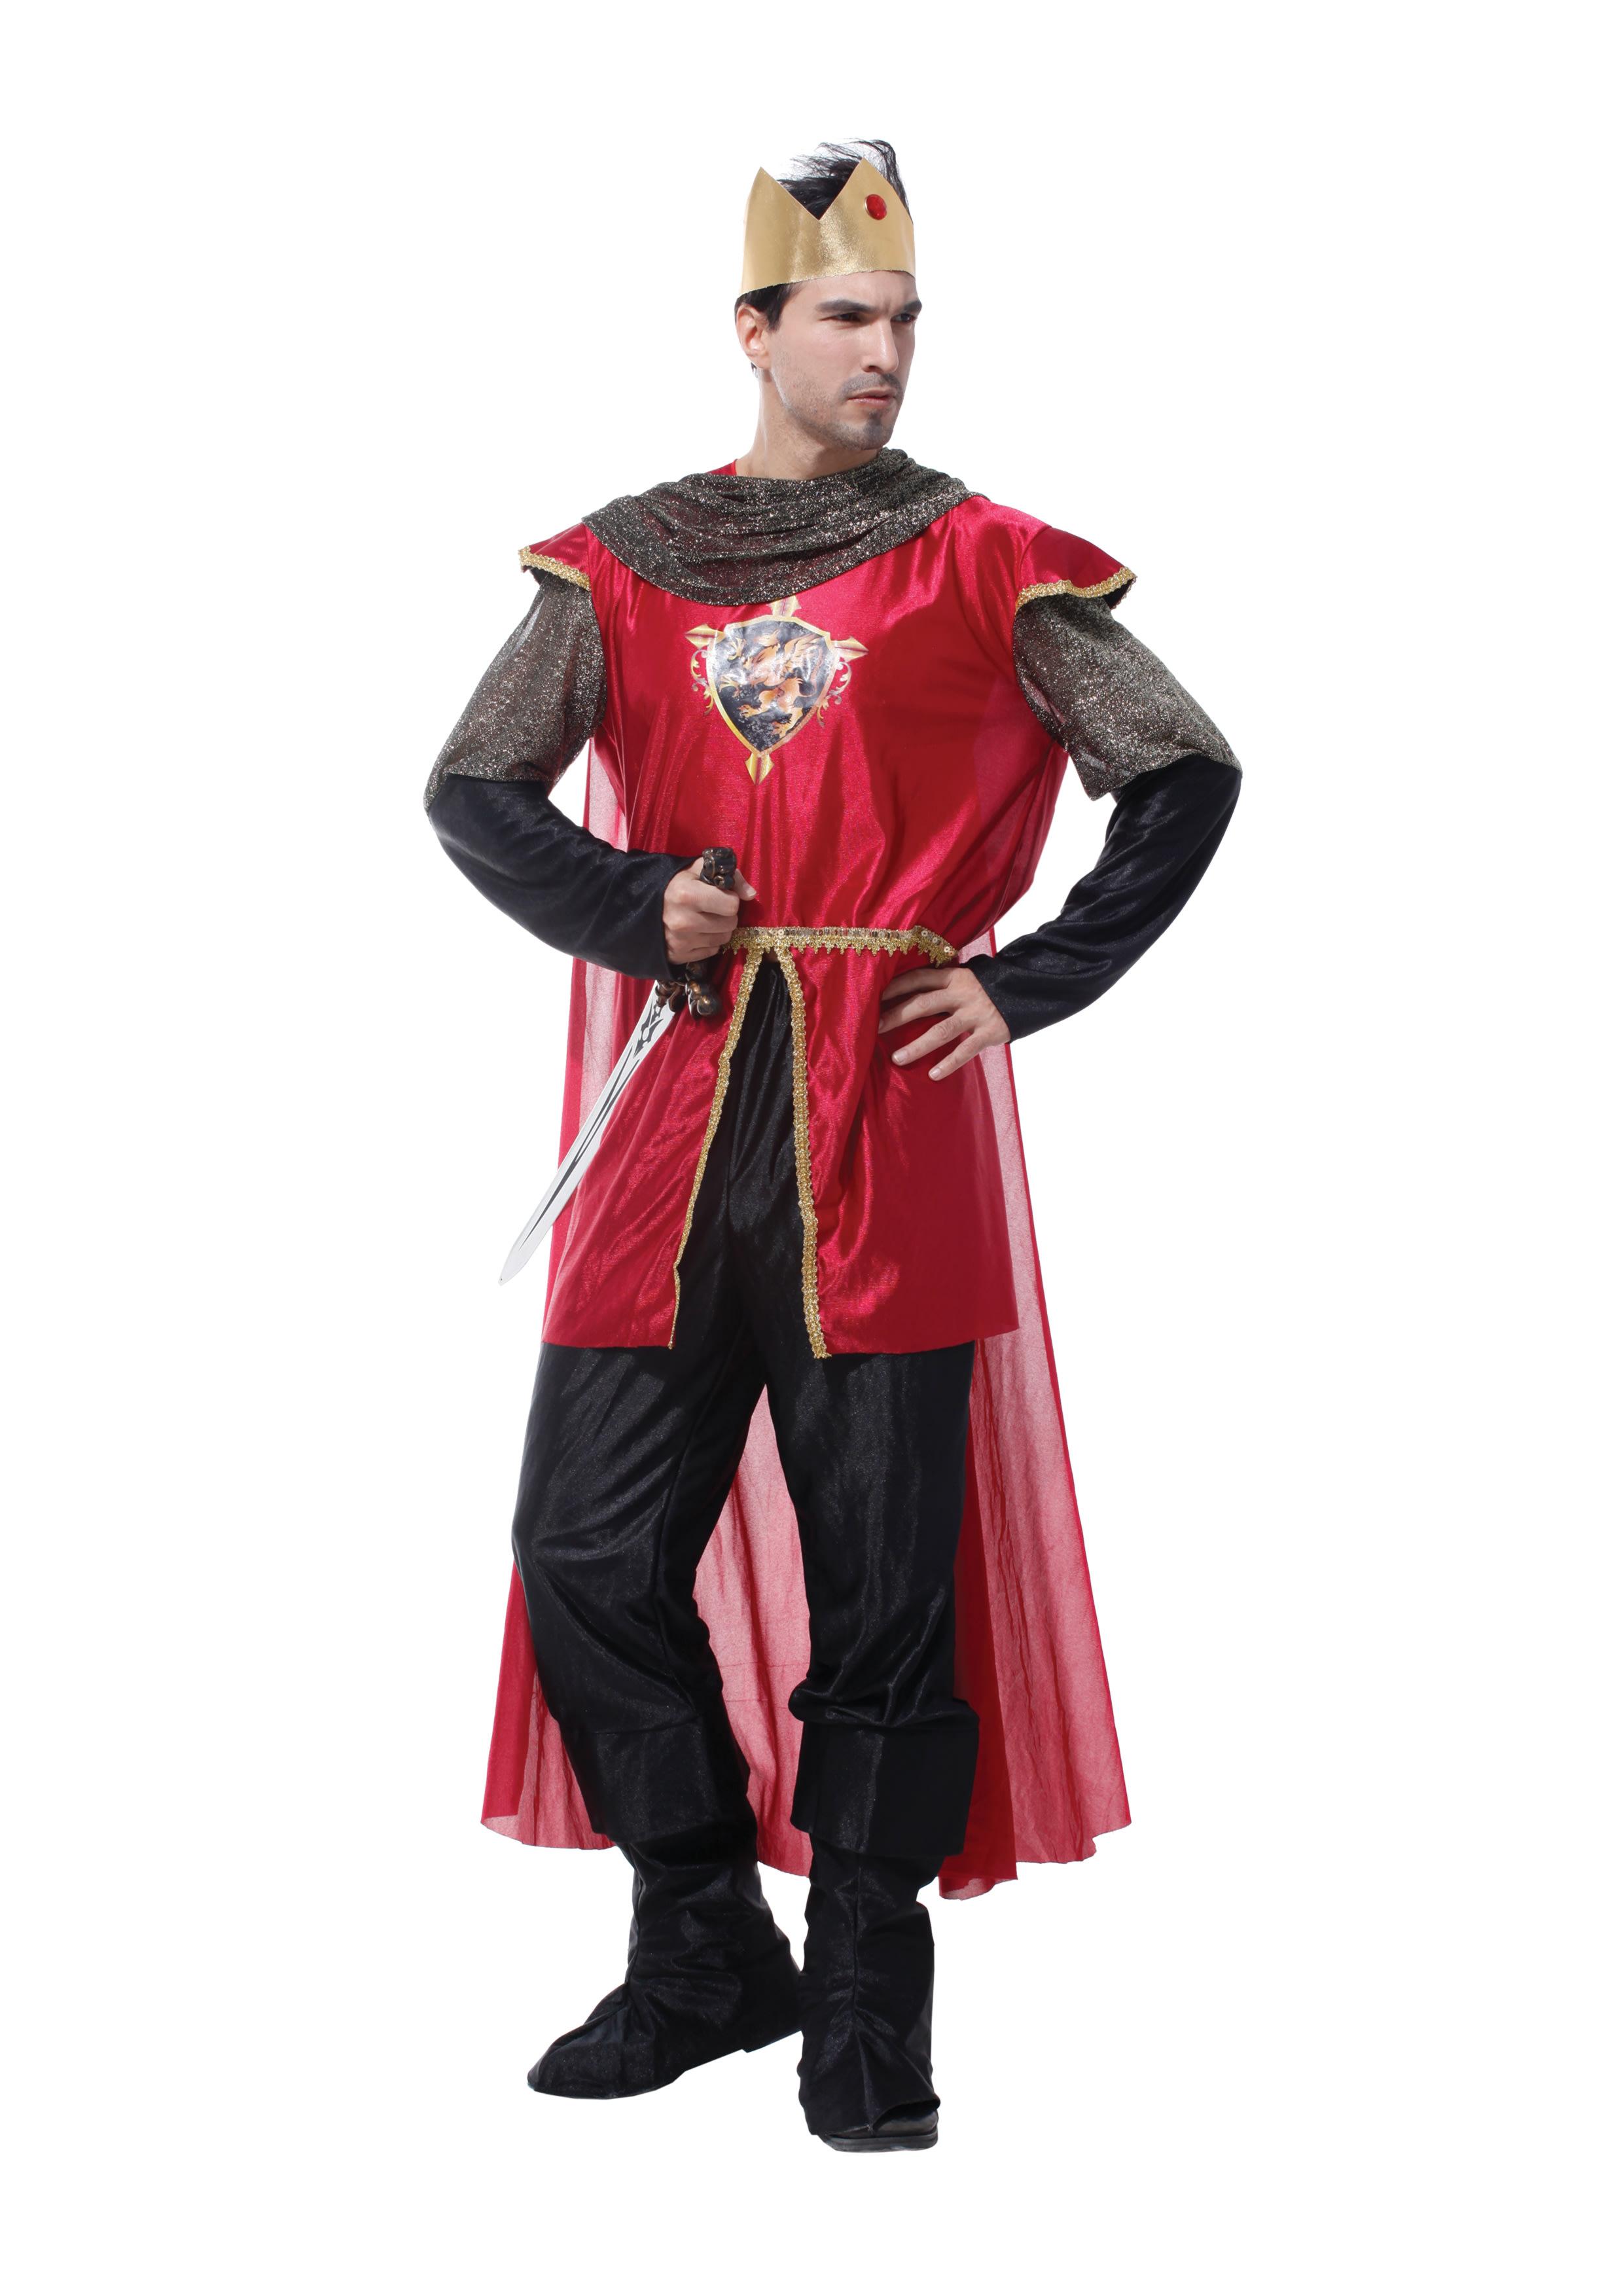 羅馬國王裝,萬聖節/化妝舞會/角色扮演/聖誕節/cosplay/尾牙,X射線【W370067】